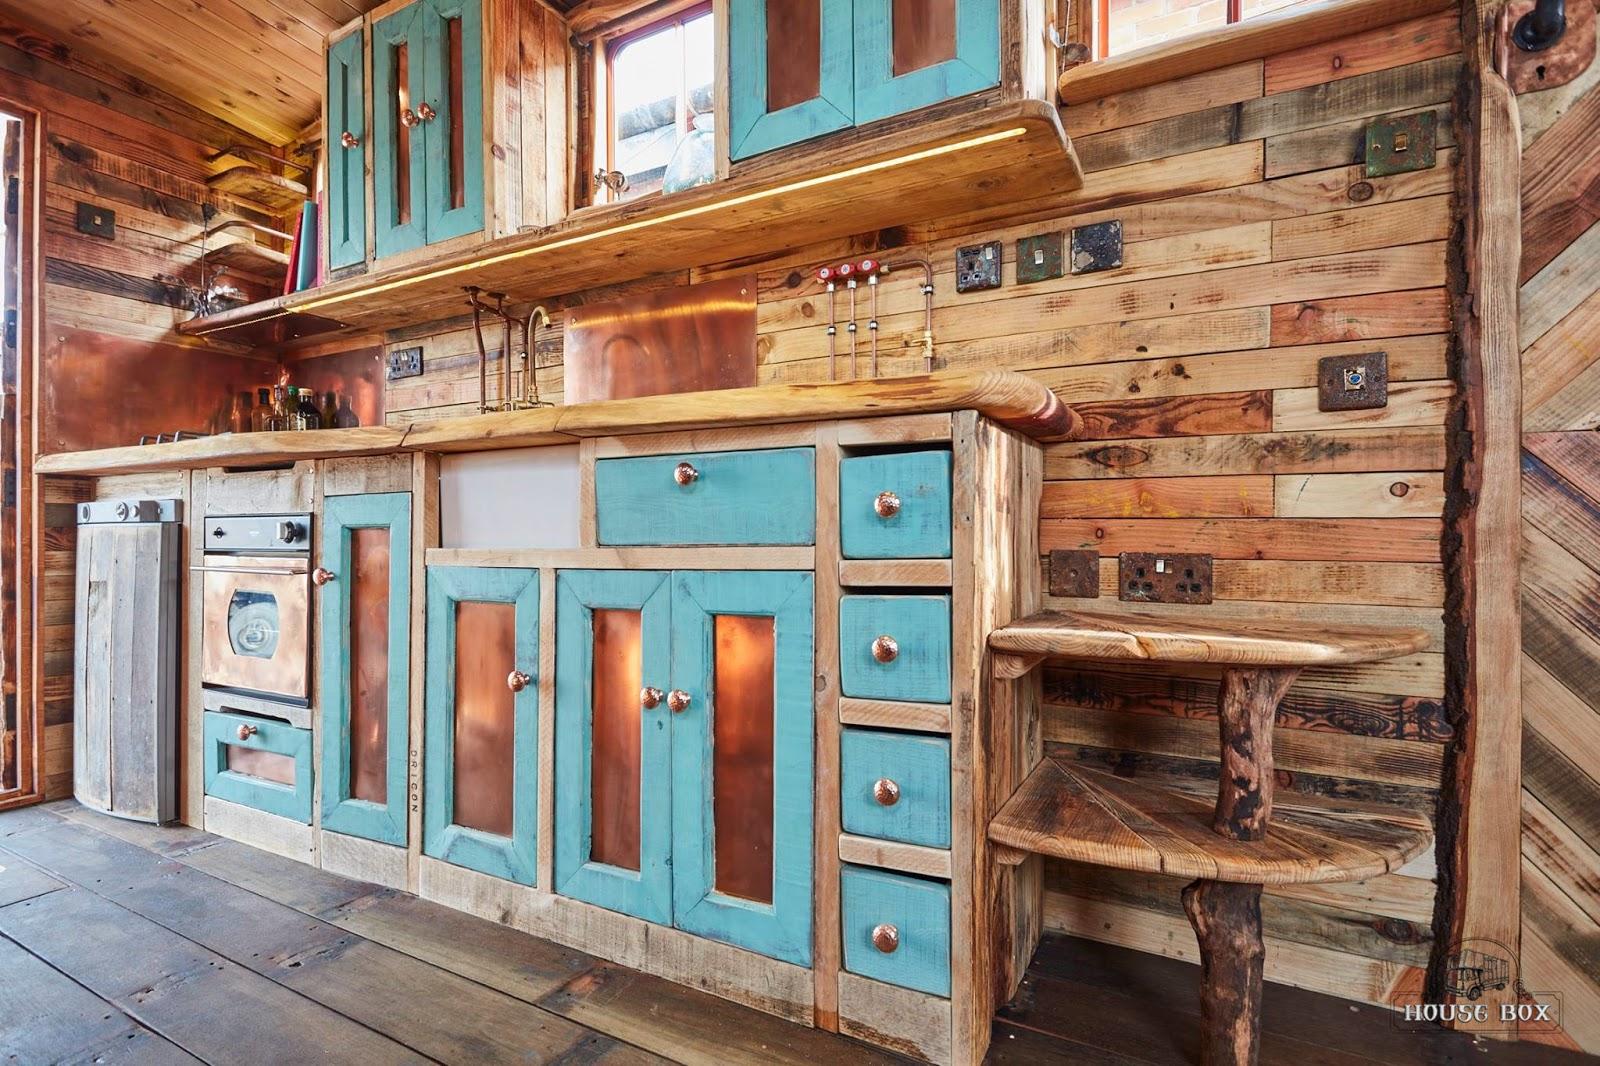 Helga The Horse Box Tiny House Tiny House Town